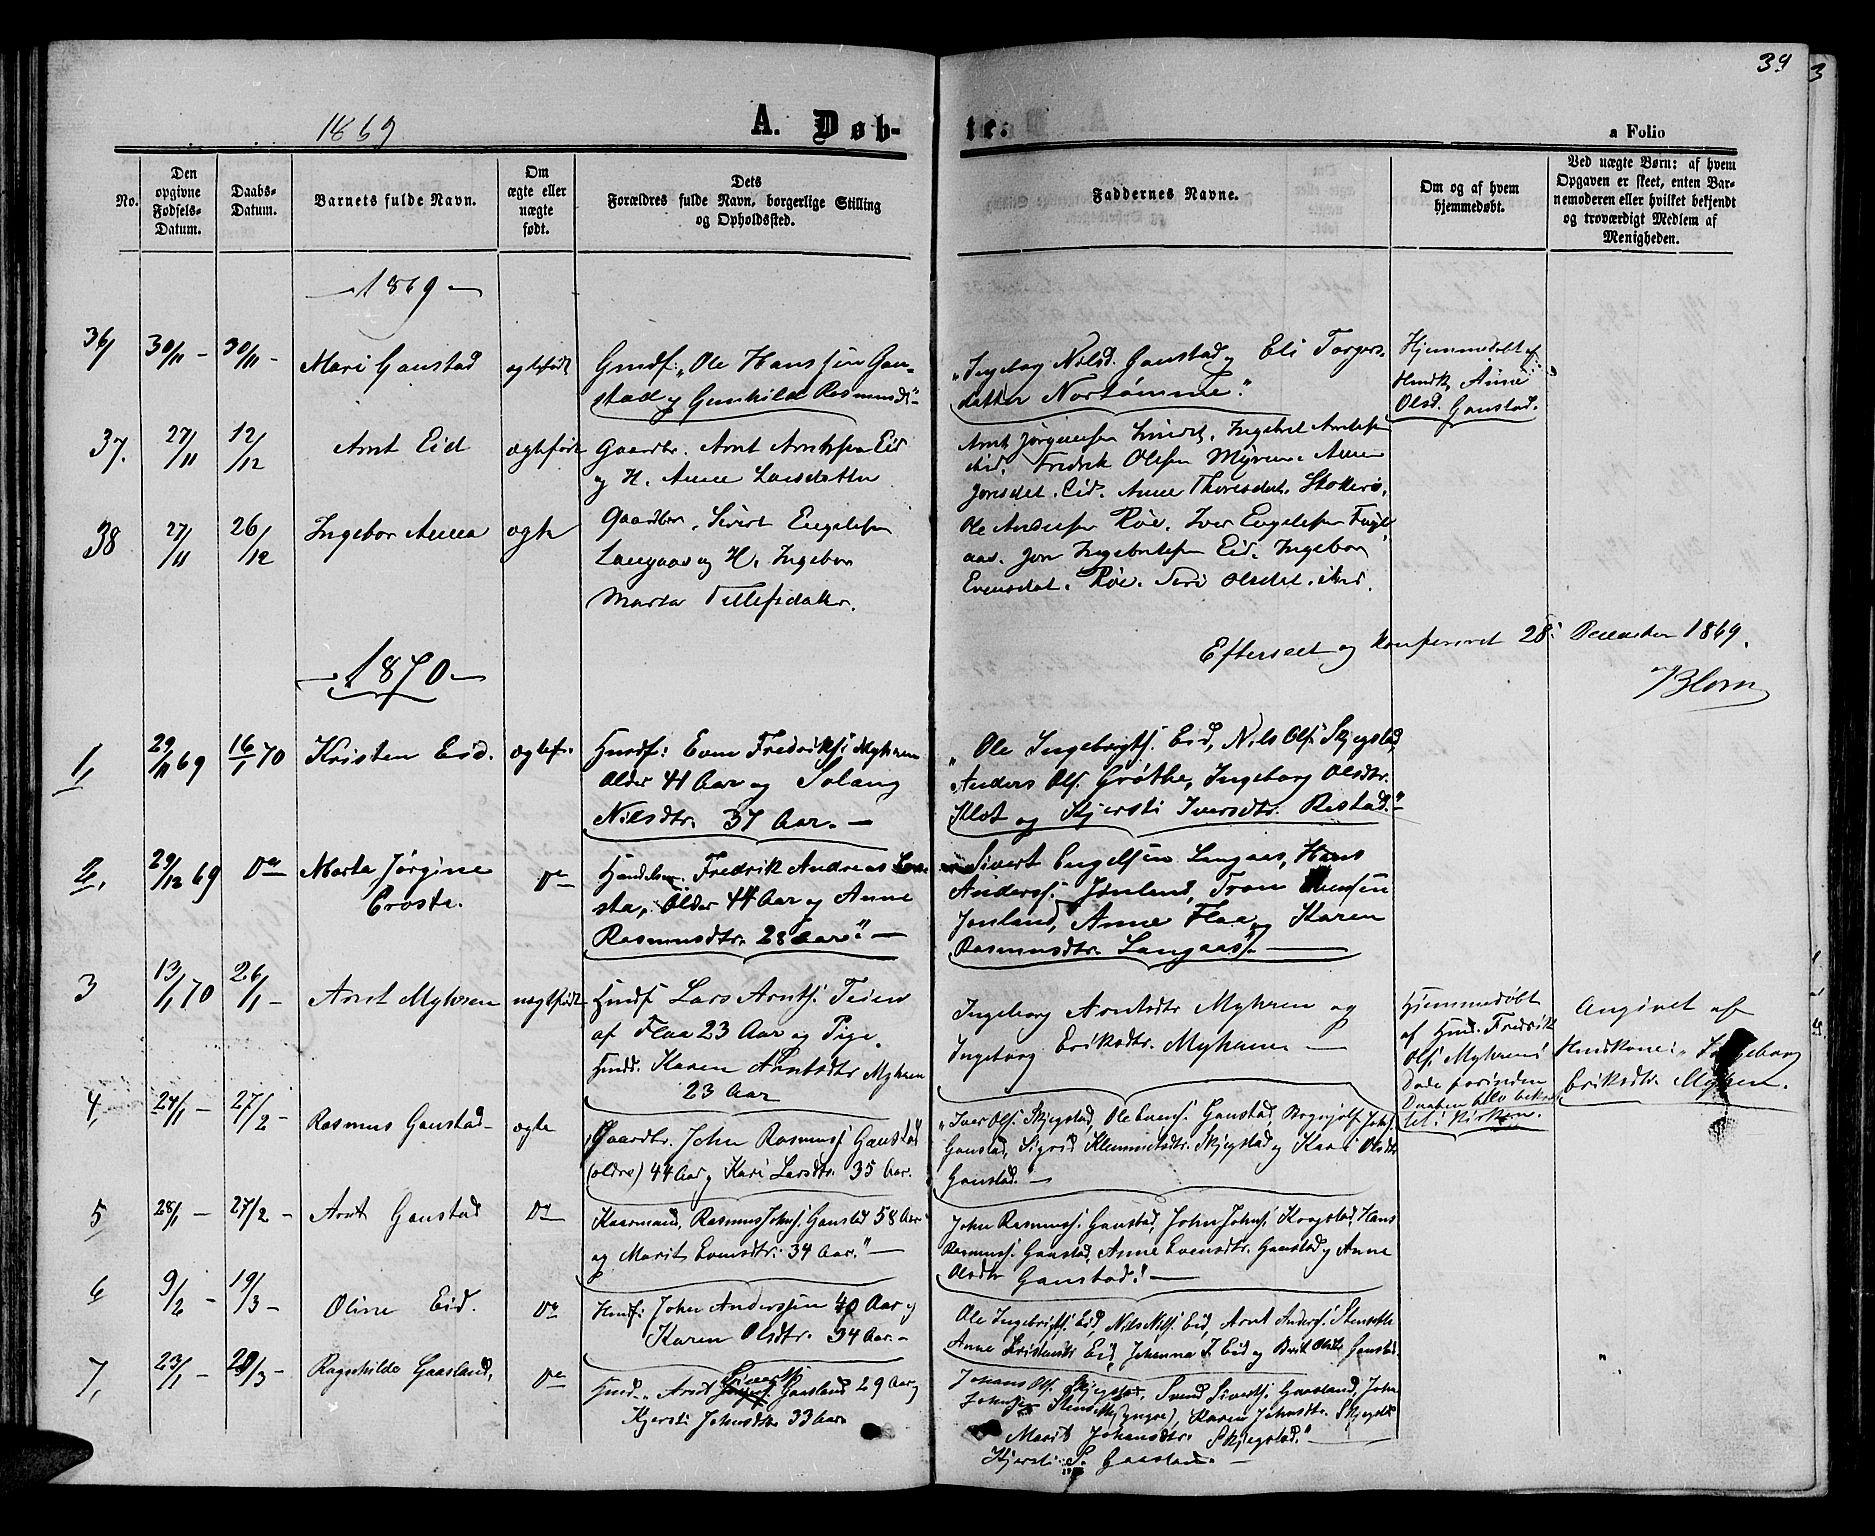 SAT, Ministerialprotokoller, klokkerbøker og fødselsregistre - Sør-Trøndelag, 694/L1131: Klokkerbok nr. 694C03, 1858-1886, s. 39